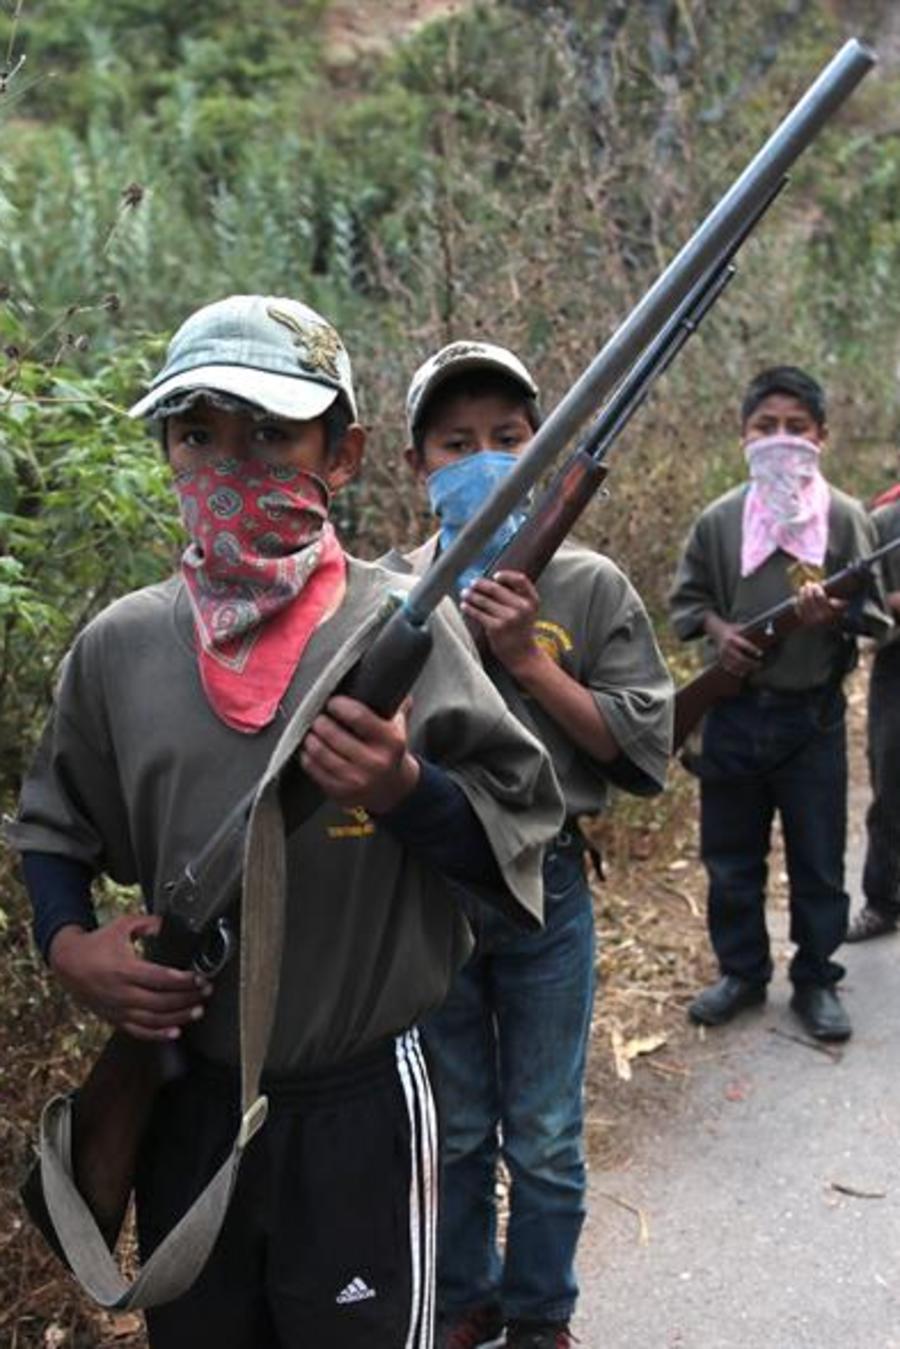 En la sesión de entrenamiento participaron una veintena de niños de entre 8 y 16 años.